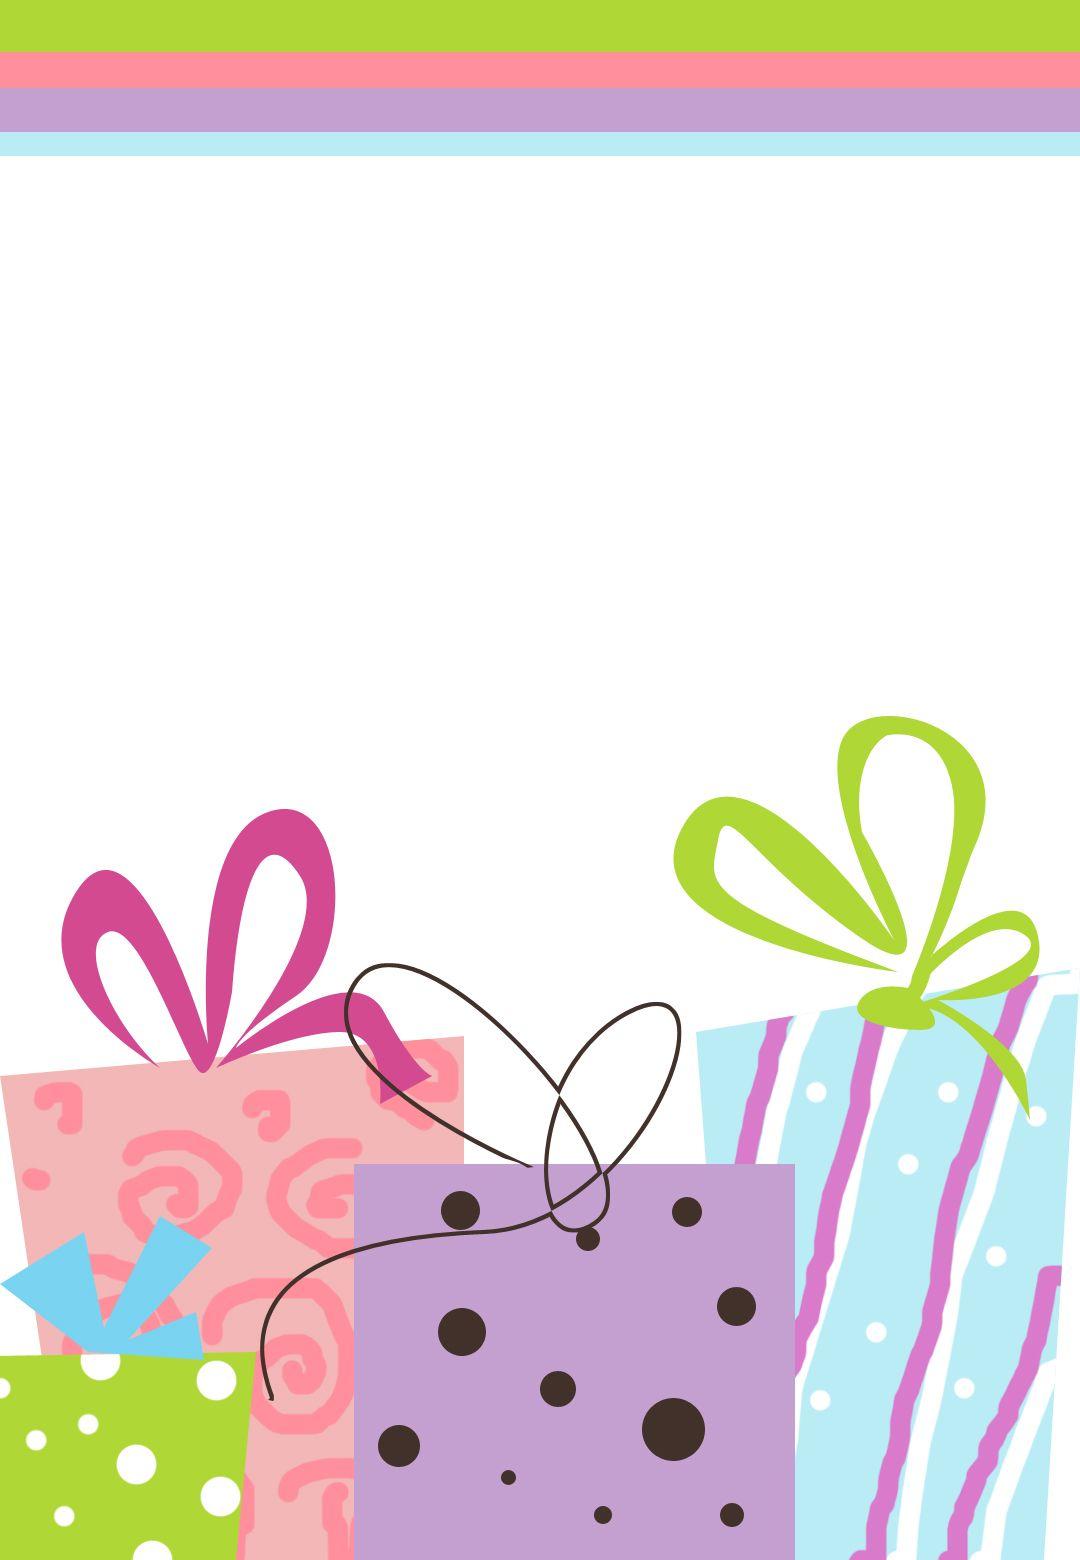 Invitaciones De Muchos Regalos Para Imprimir | birth mom | Pinterest ...